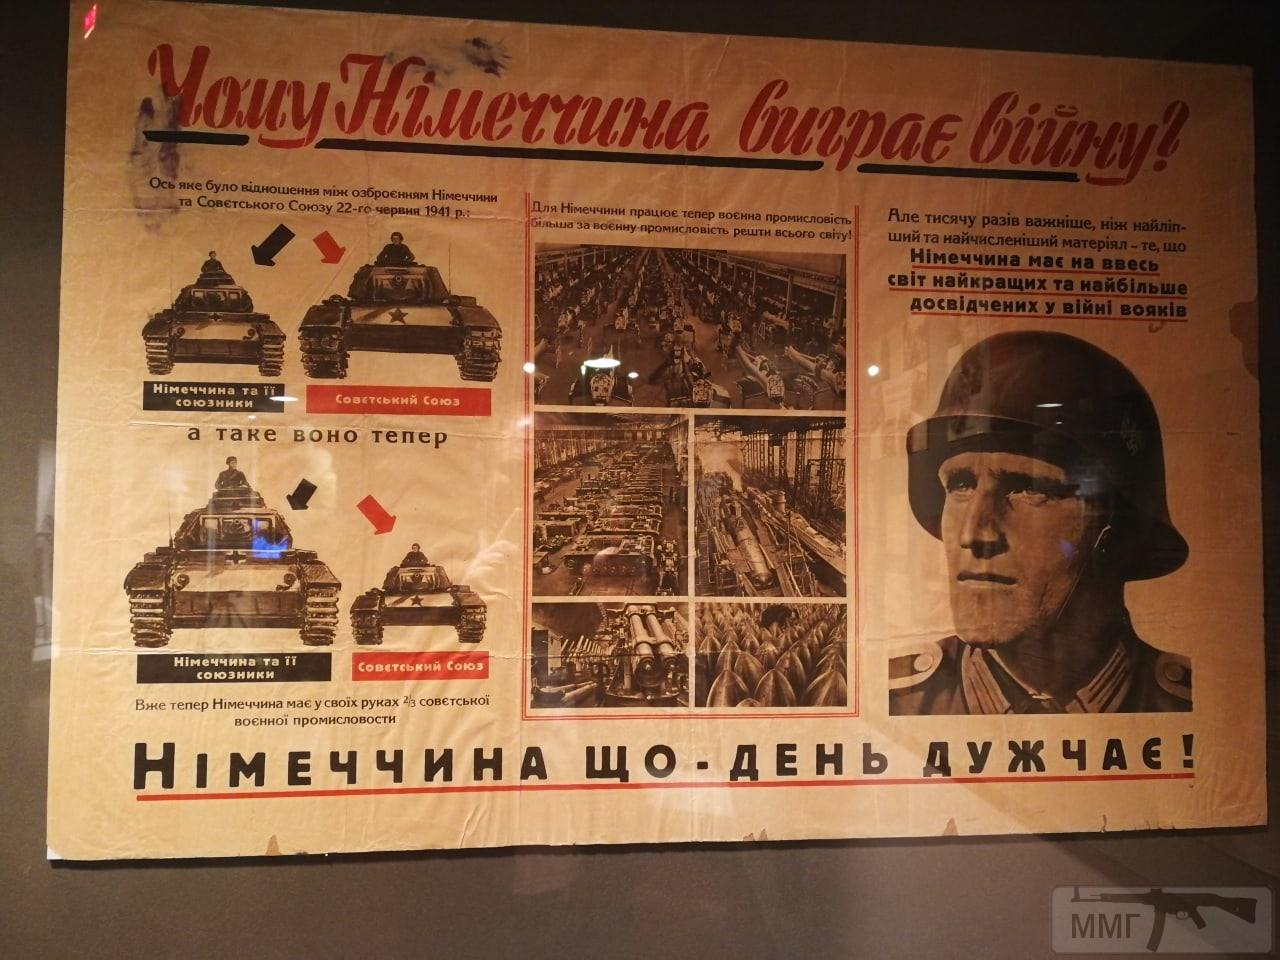 94110 - Пропаганда и контрпропаганда второй мировой